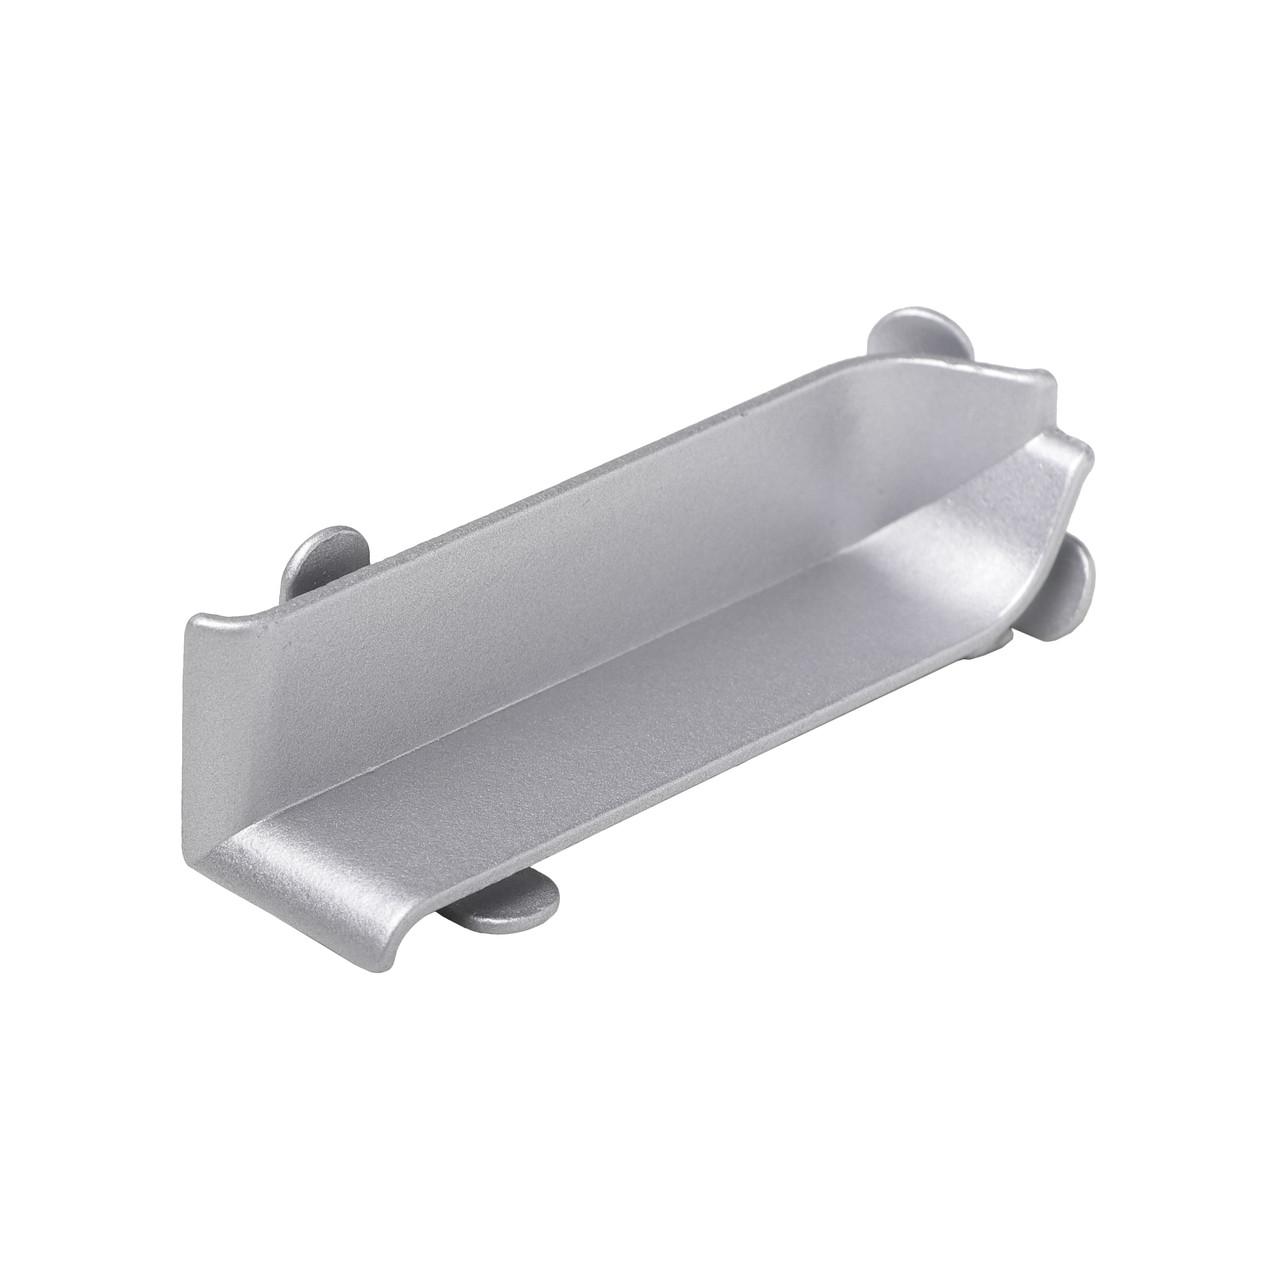 Внутрішній куточок алюмінієвий для плінтуса серії 90/6 Profilpas (90/I) висота 60 мм